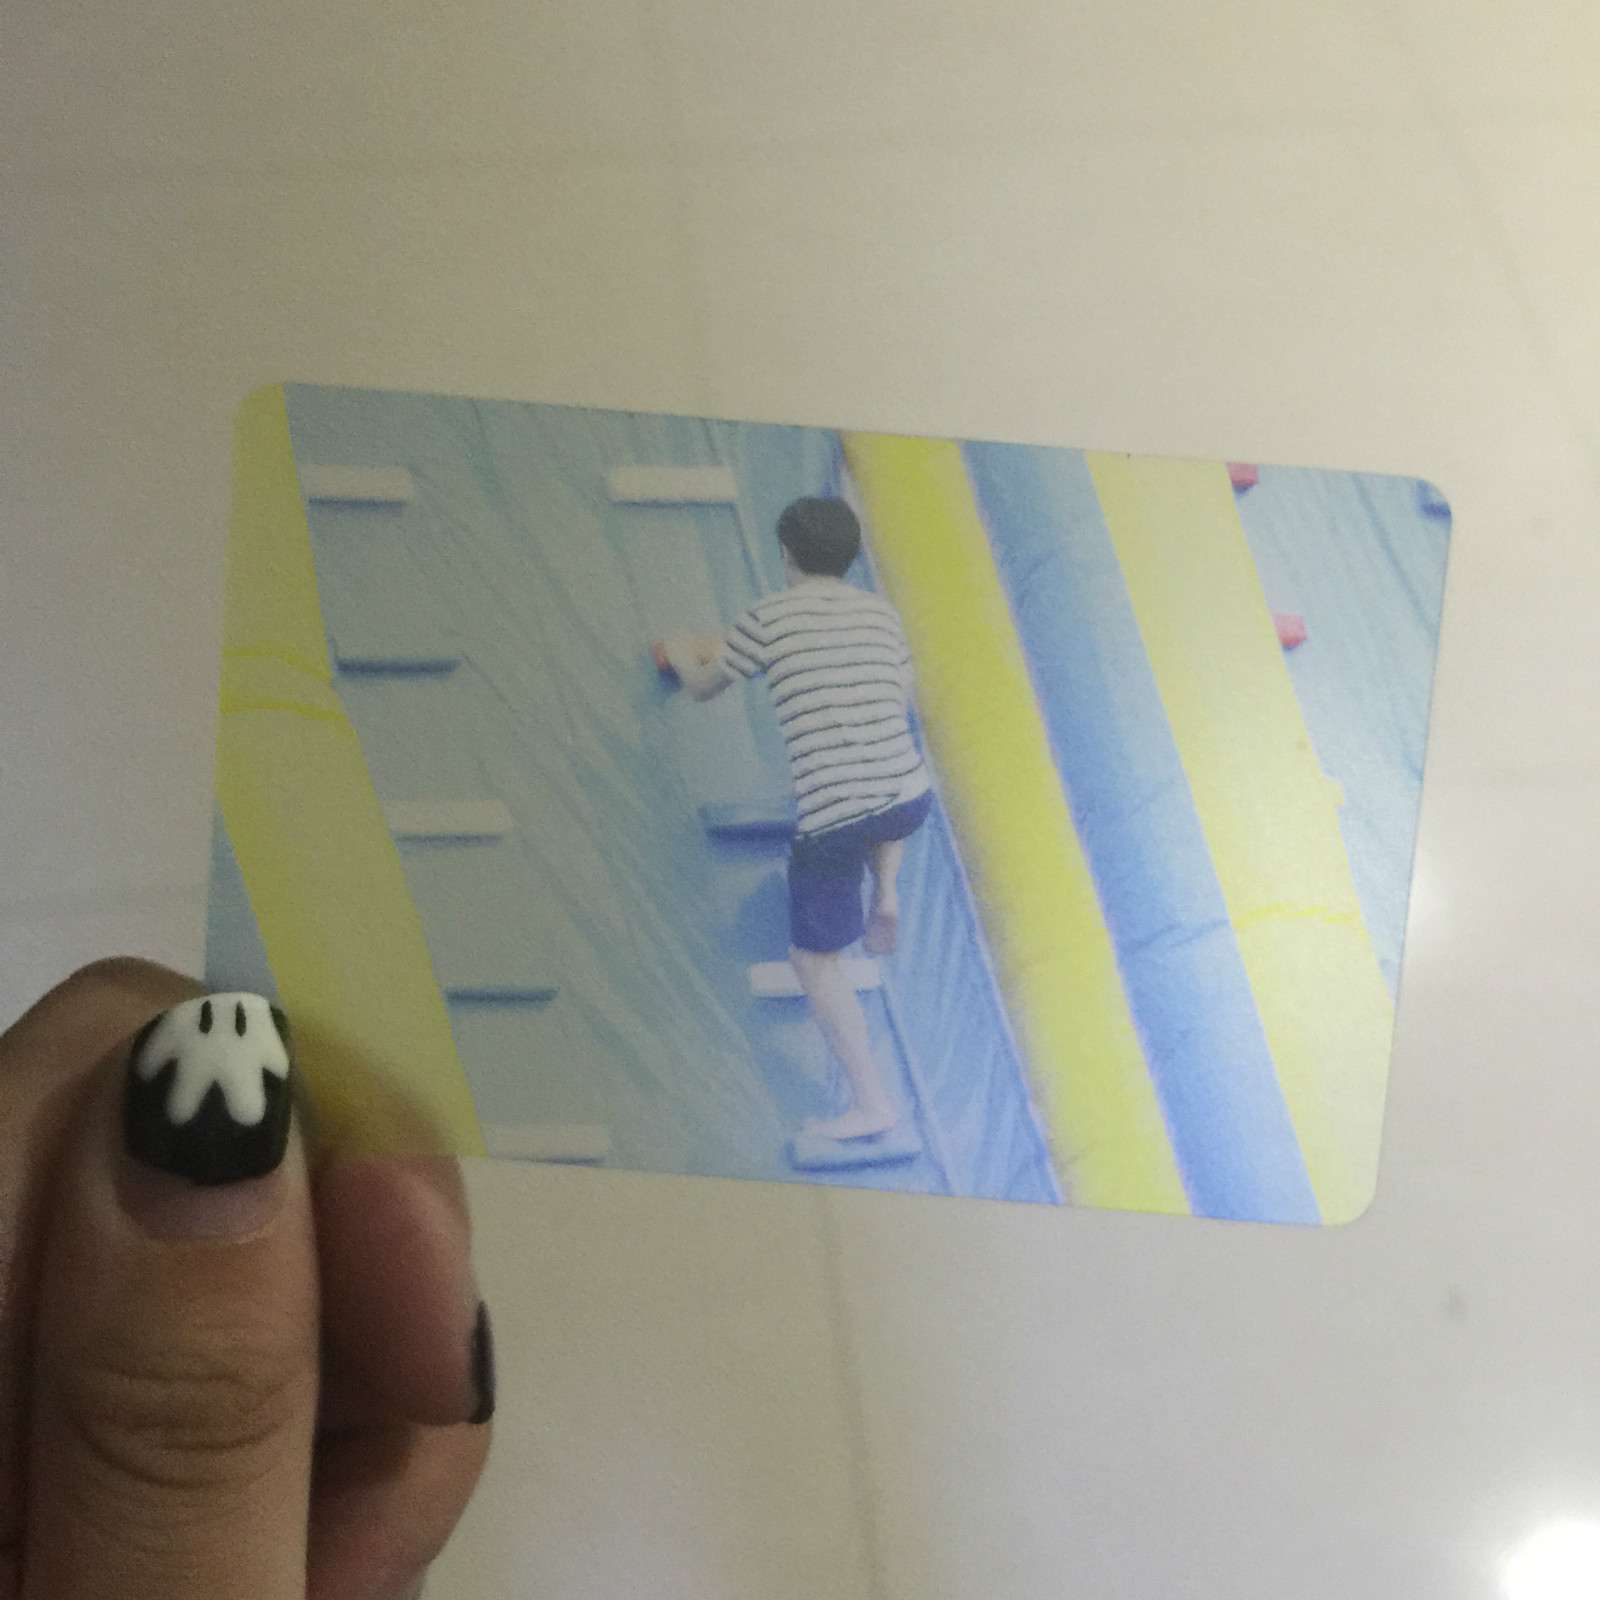 Концерт EXO должен поддерживаться маленькой карточкой custom pvc ноутбук Прозрачные закругленные углы, чтобы отобразить пользовательские 2pm вокруг Dong Bang Shin Ki